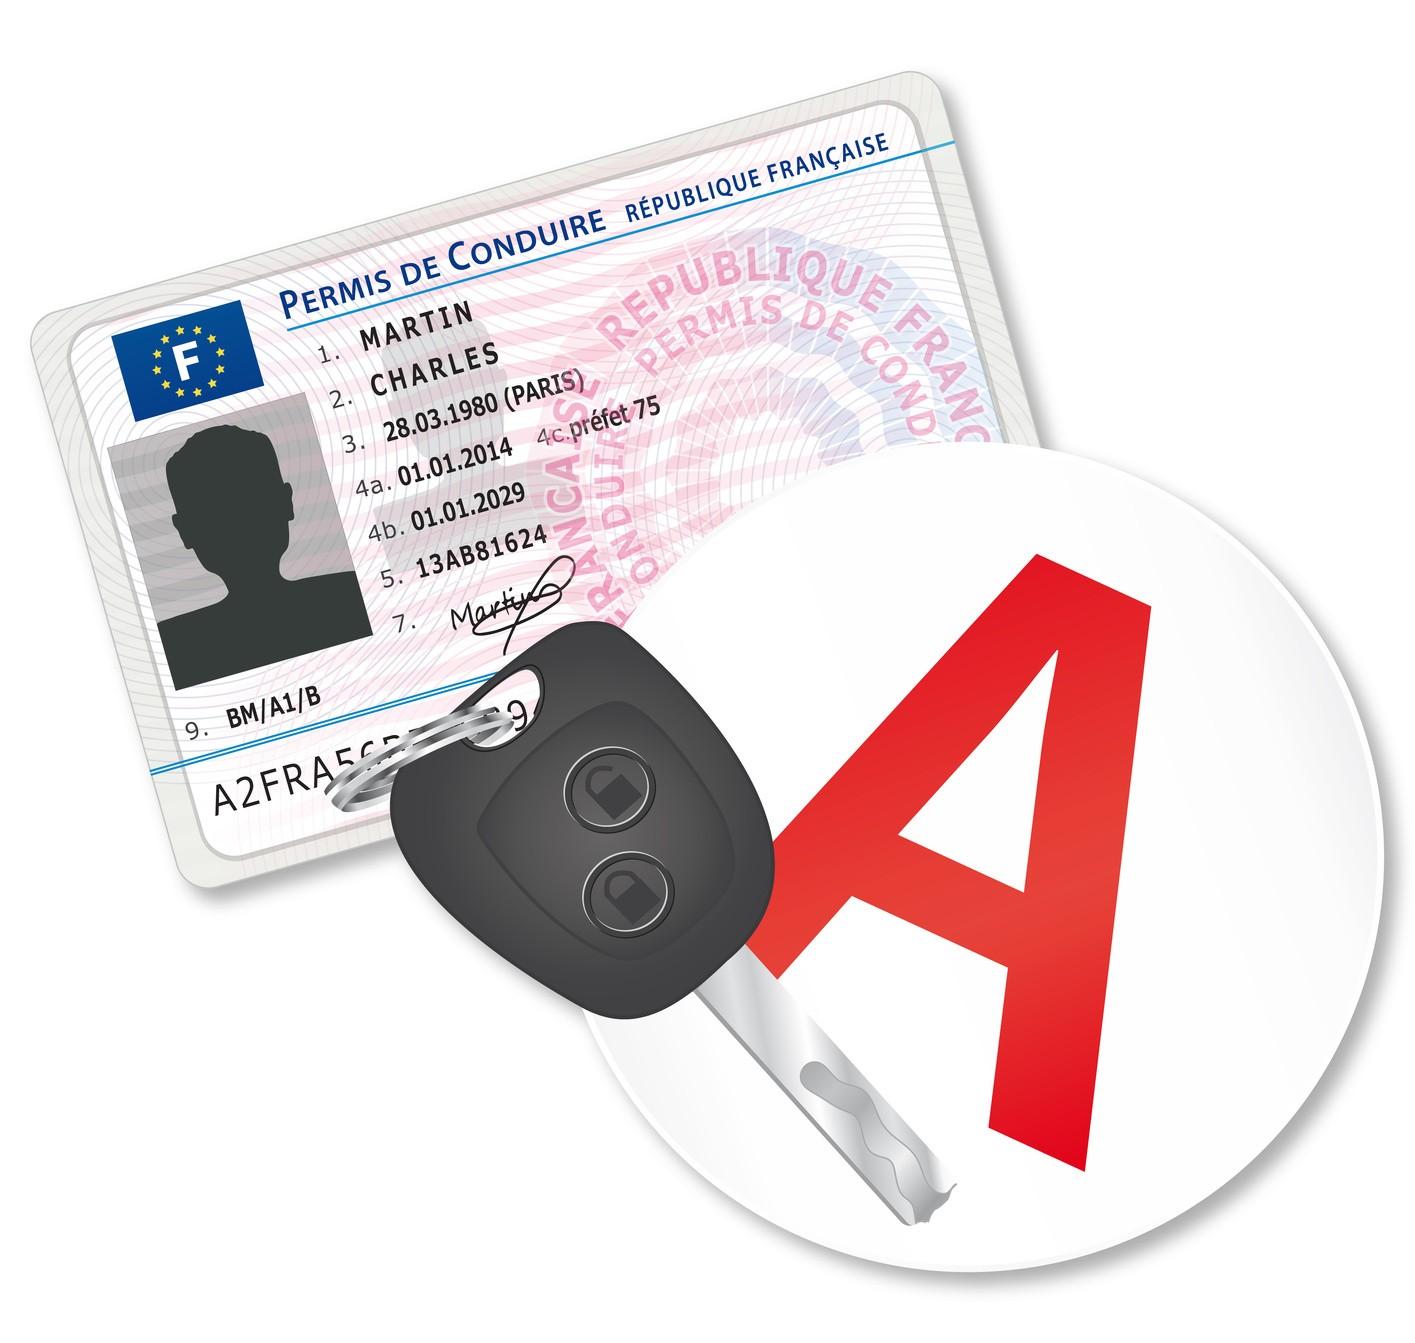 Permis de conduire : le Code de la route enseigné au lycée